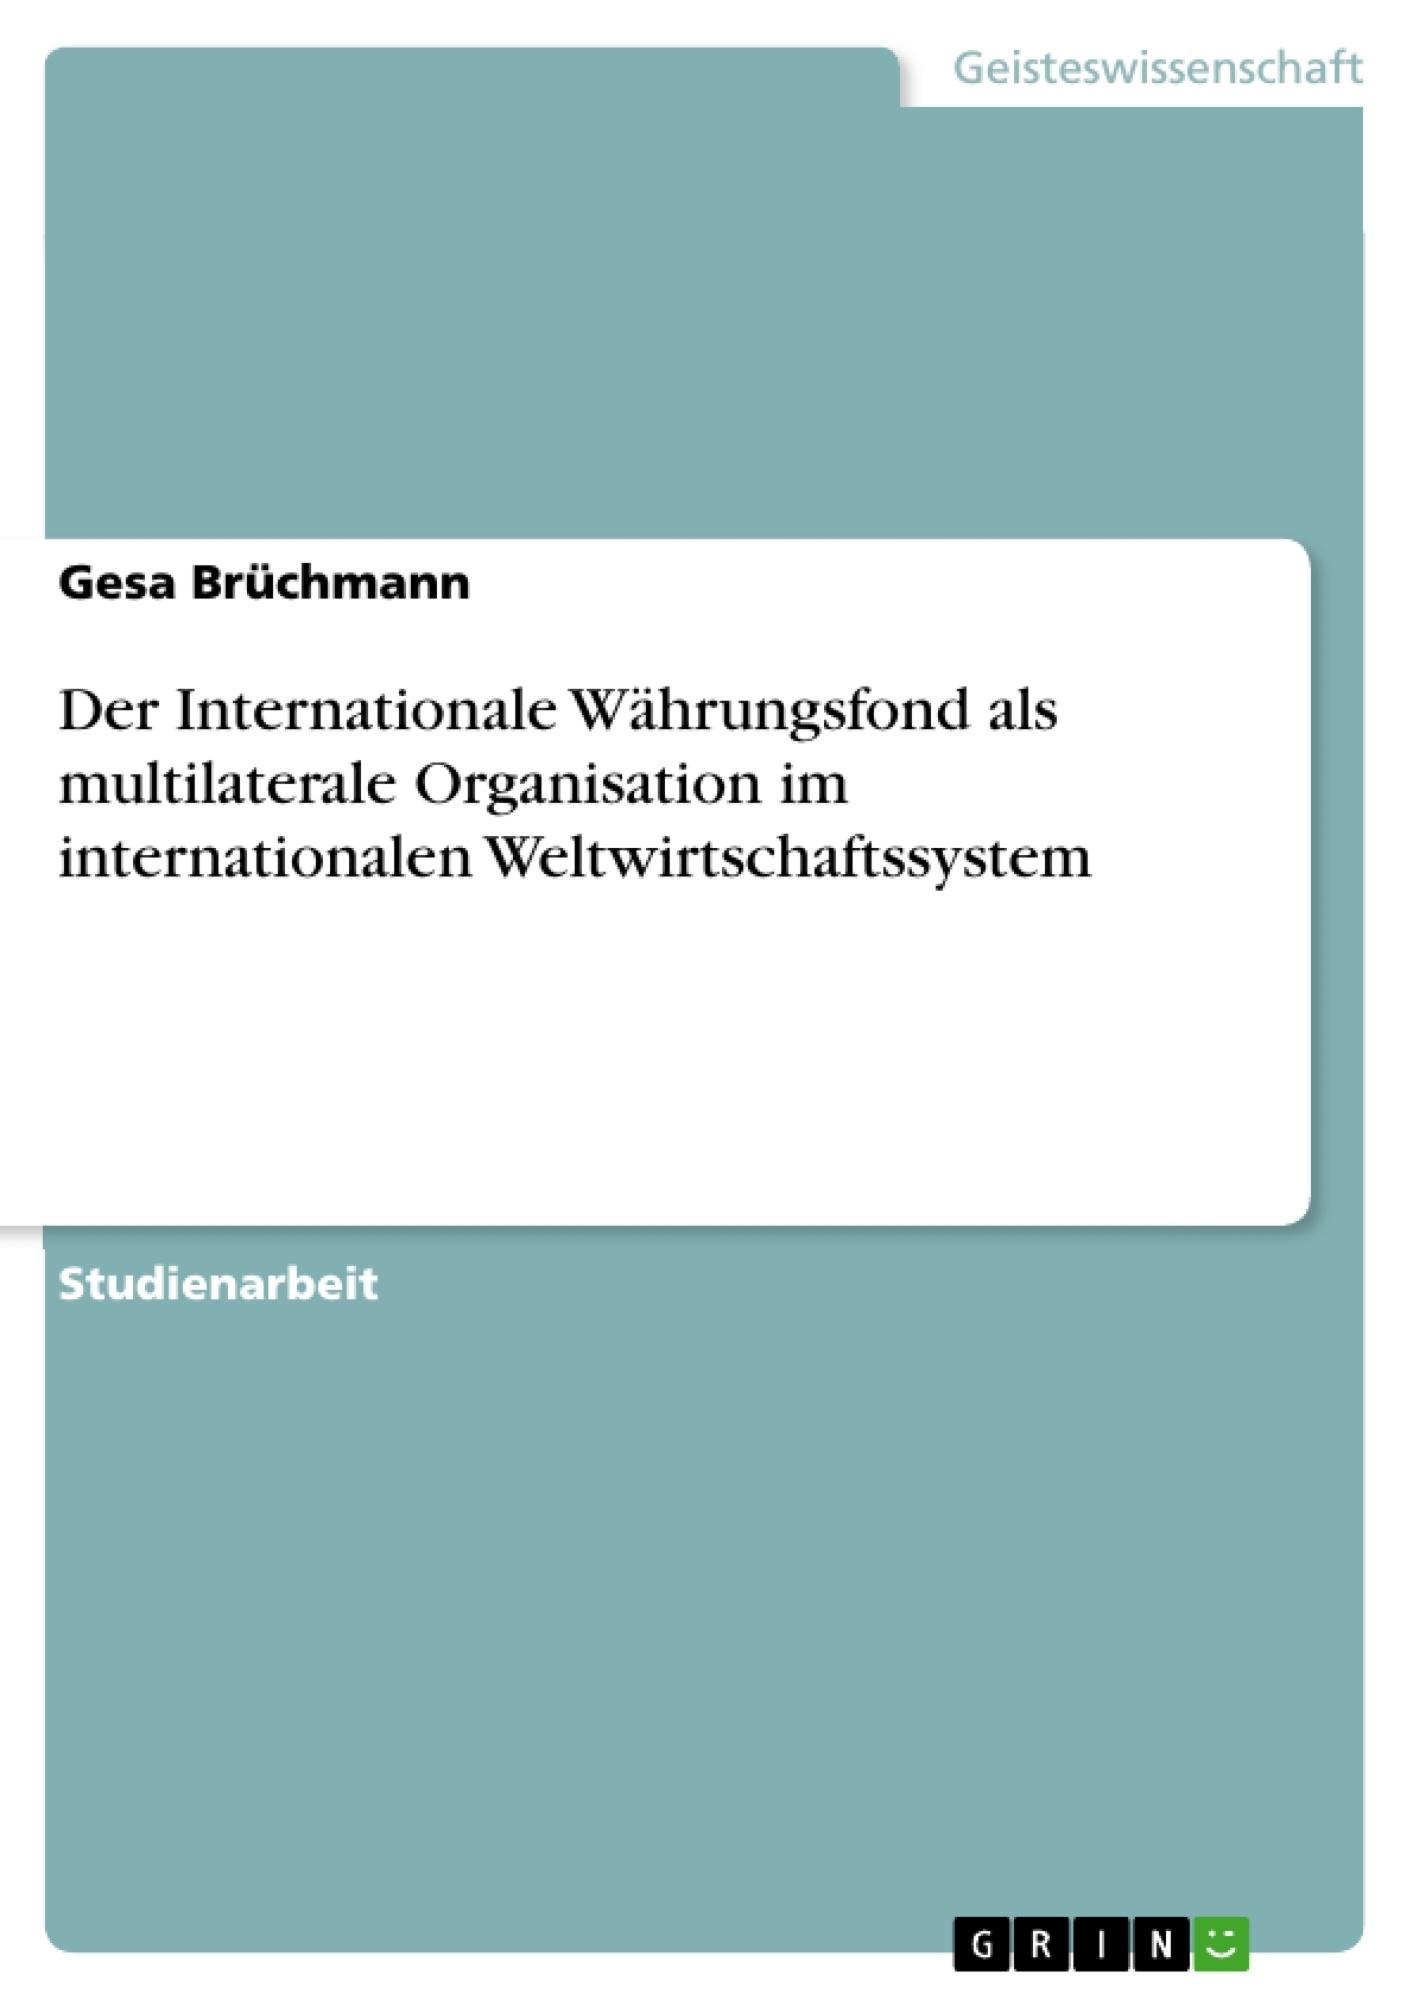 Titel: Der Internationale Währungsfond als multilaterale Organisation im internationalen Weltwirtschaftssystem